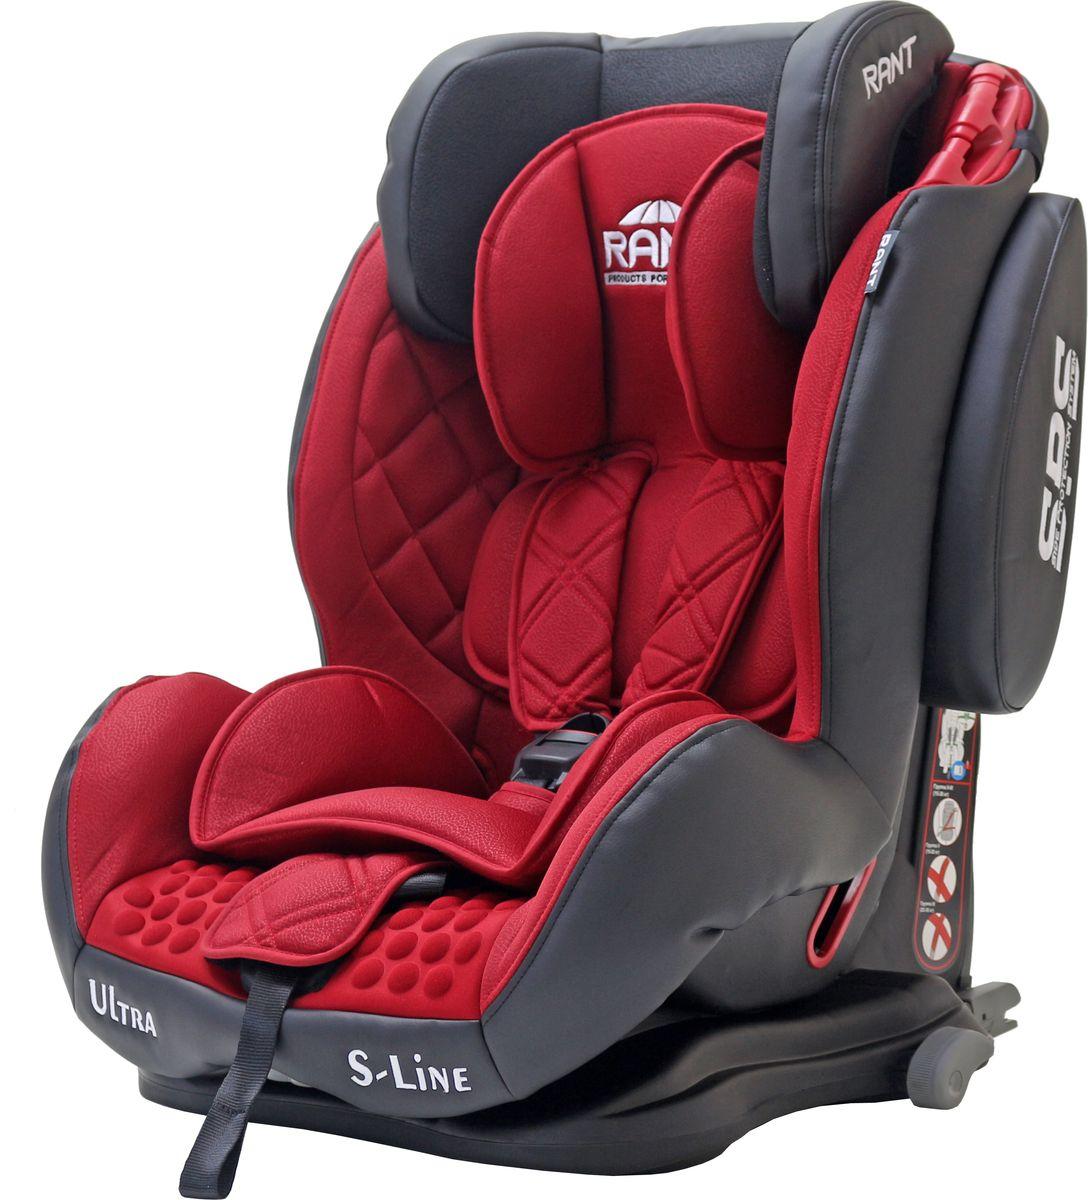 Rant Автокресло Ultra Isofix цвет красный от 9 до 36 кг